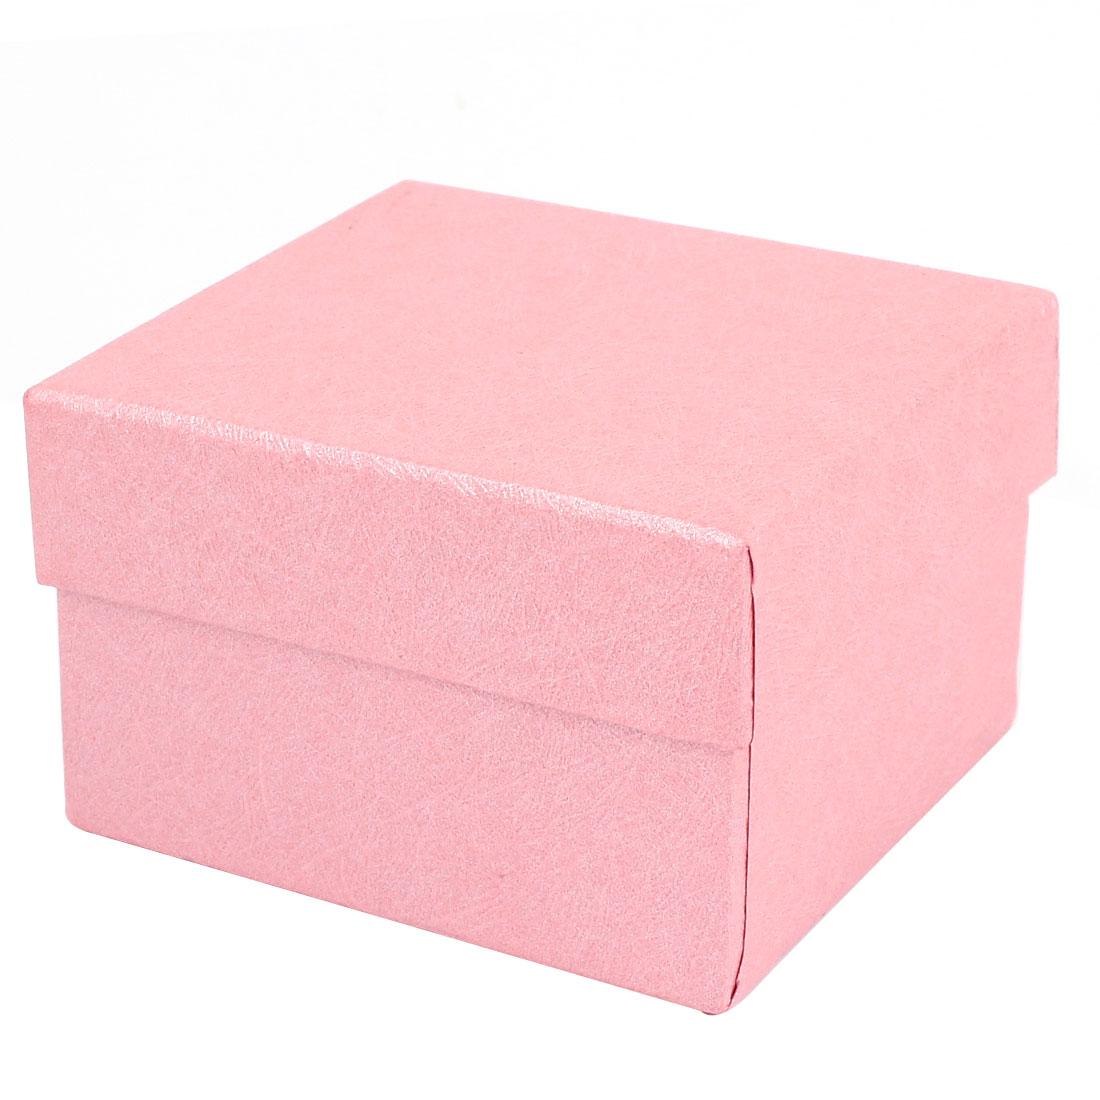 Present Jewelry Wrist Watch Bracelets Storage Display Gift Box Case Pink w Cushion